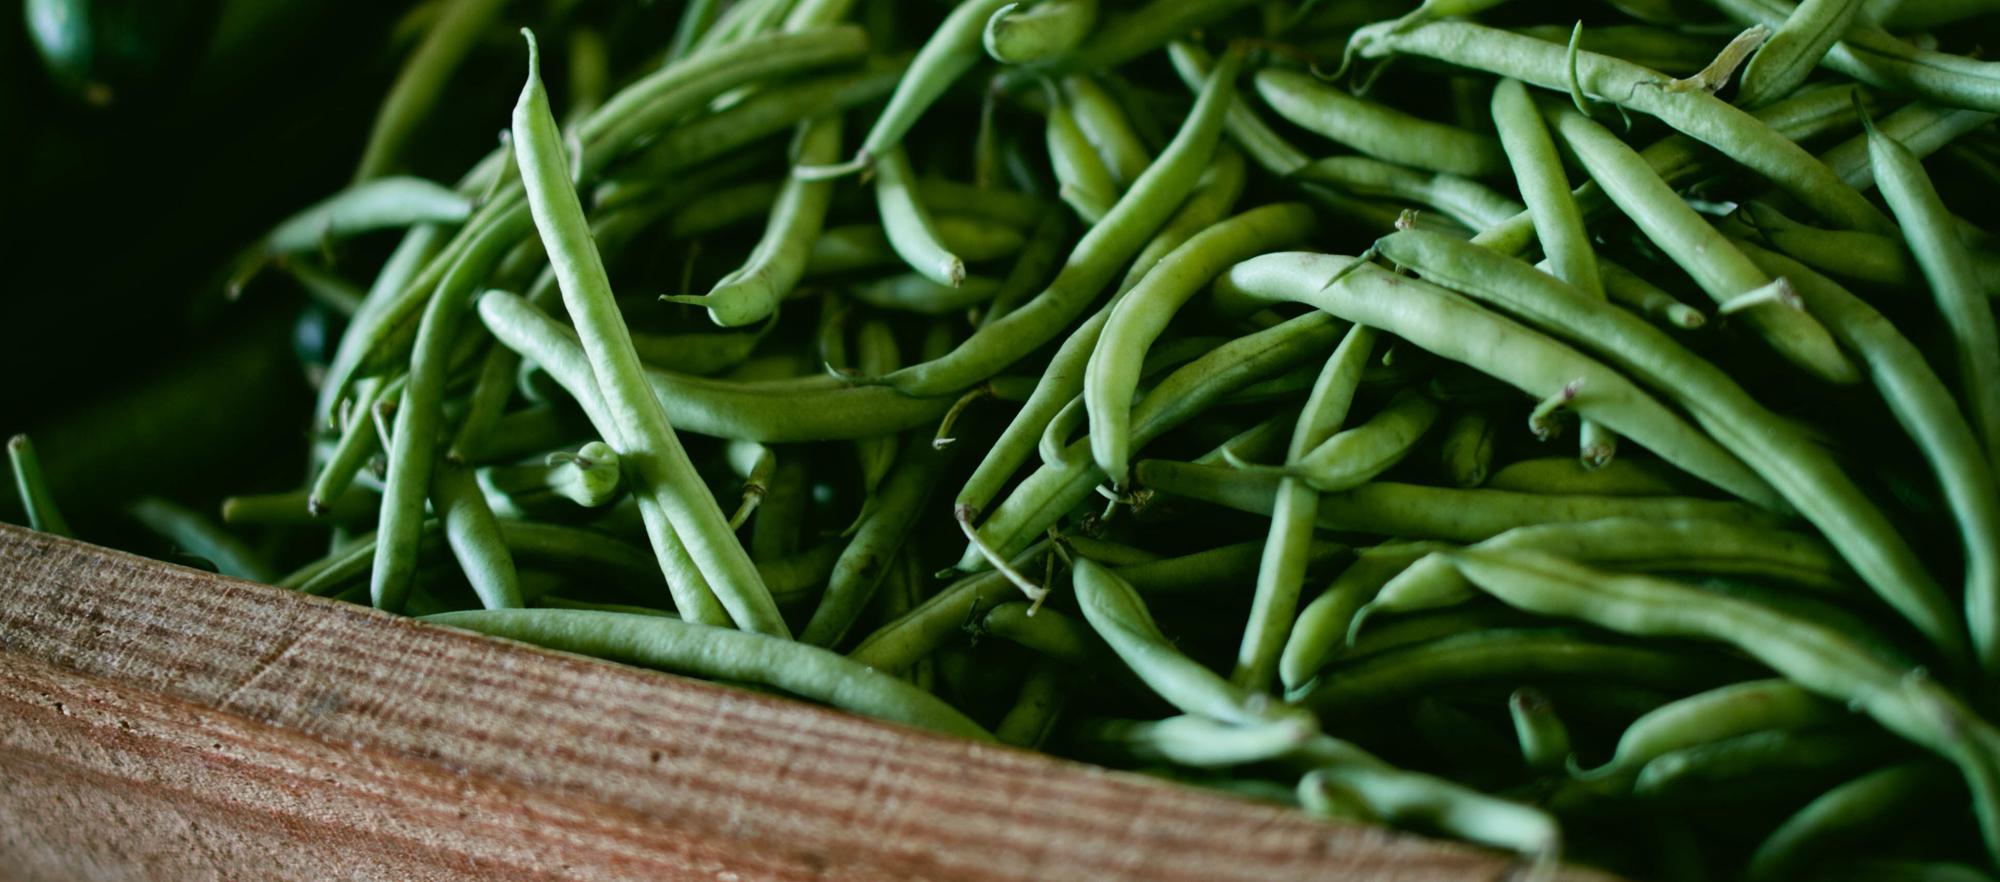 Greenbeans_SSMblogs.jpg